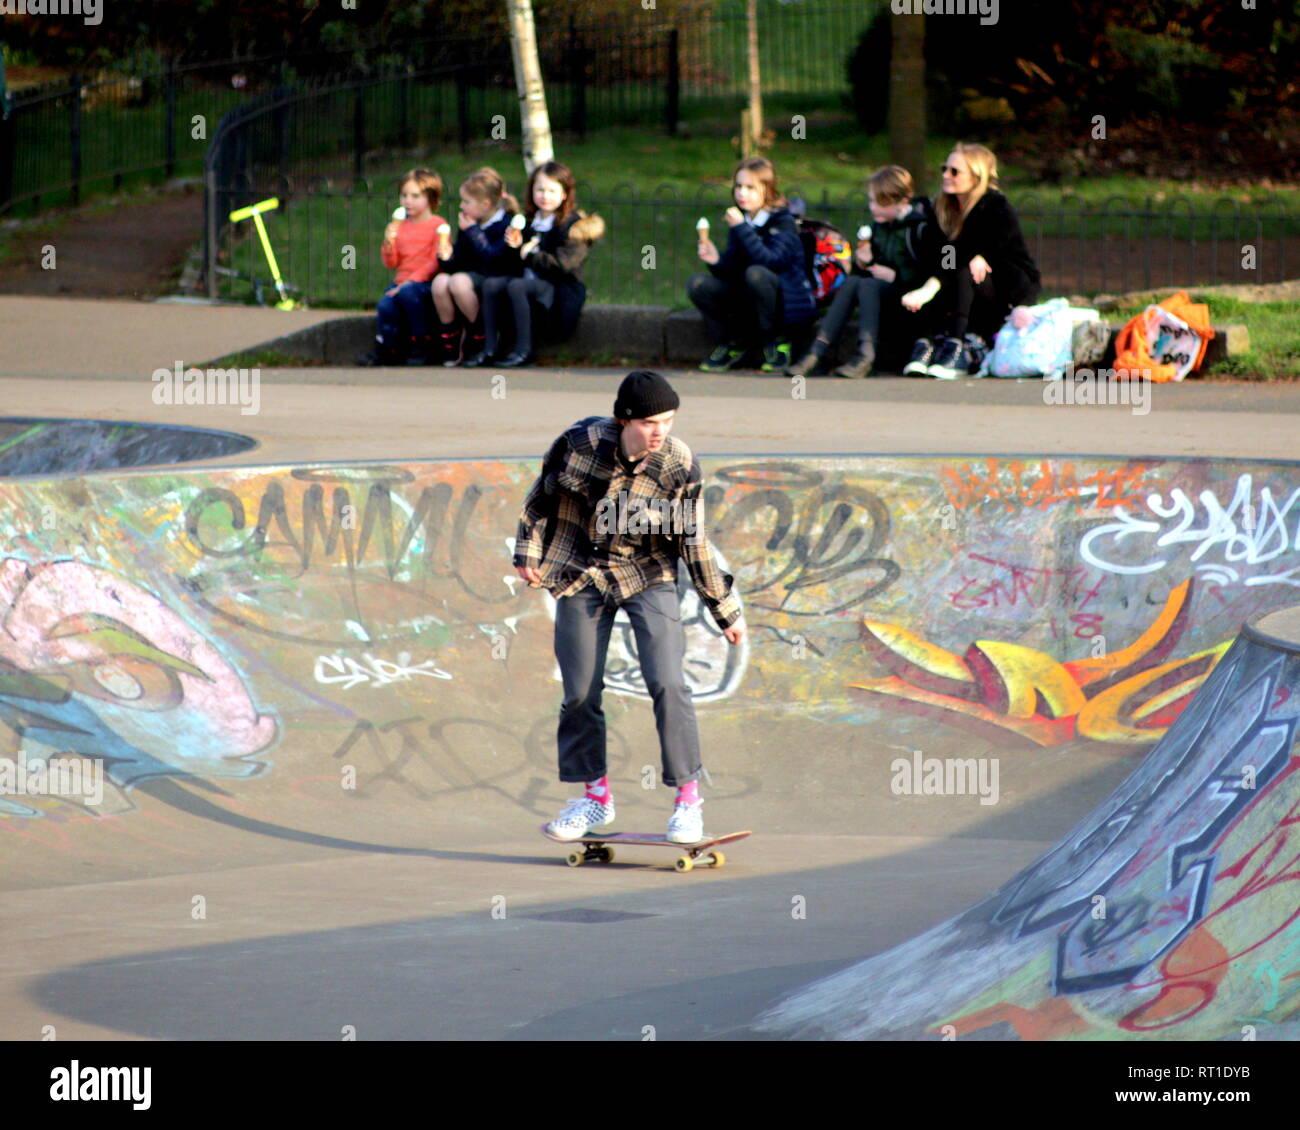 kelvingrove skatepark stock photos  u0026 kelvingrove skatepark